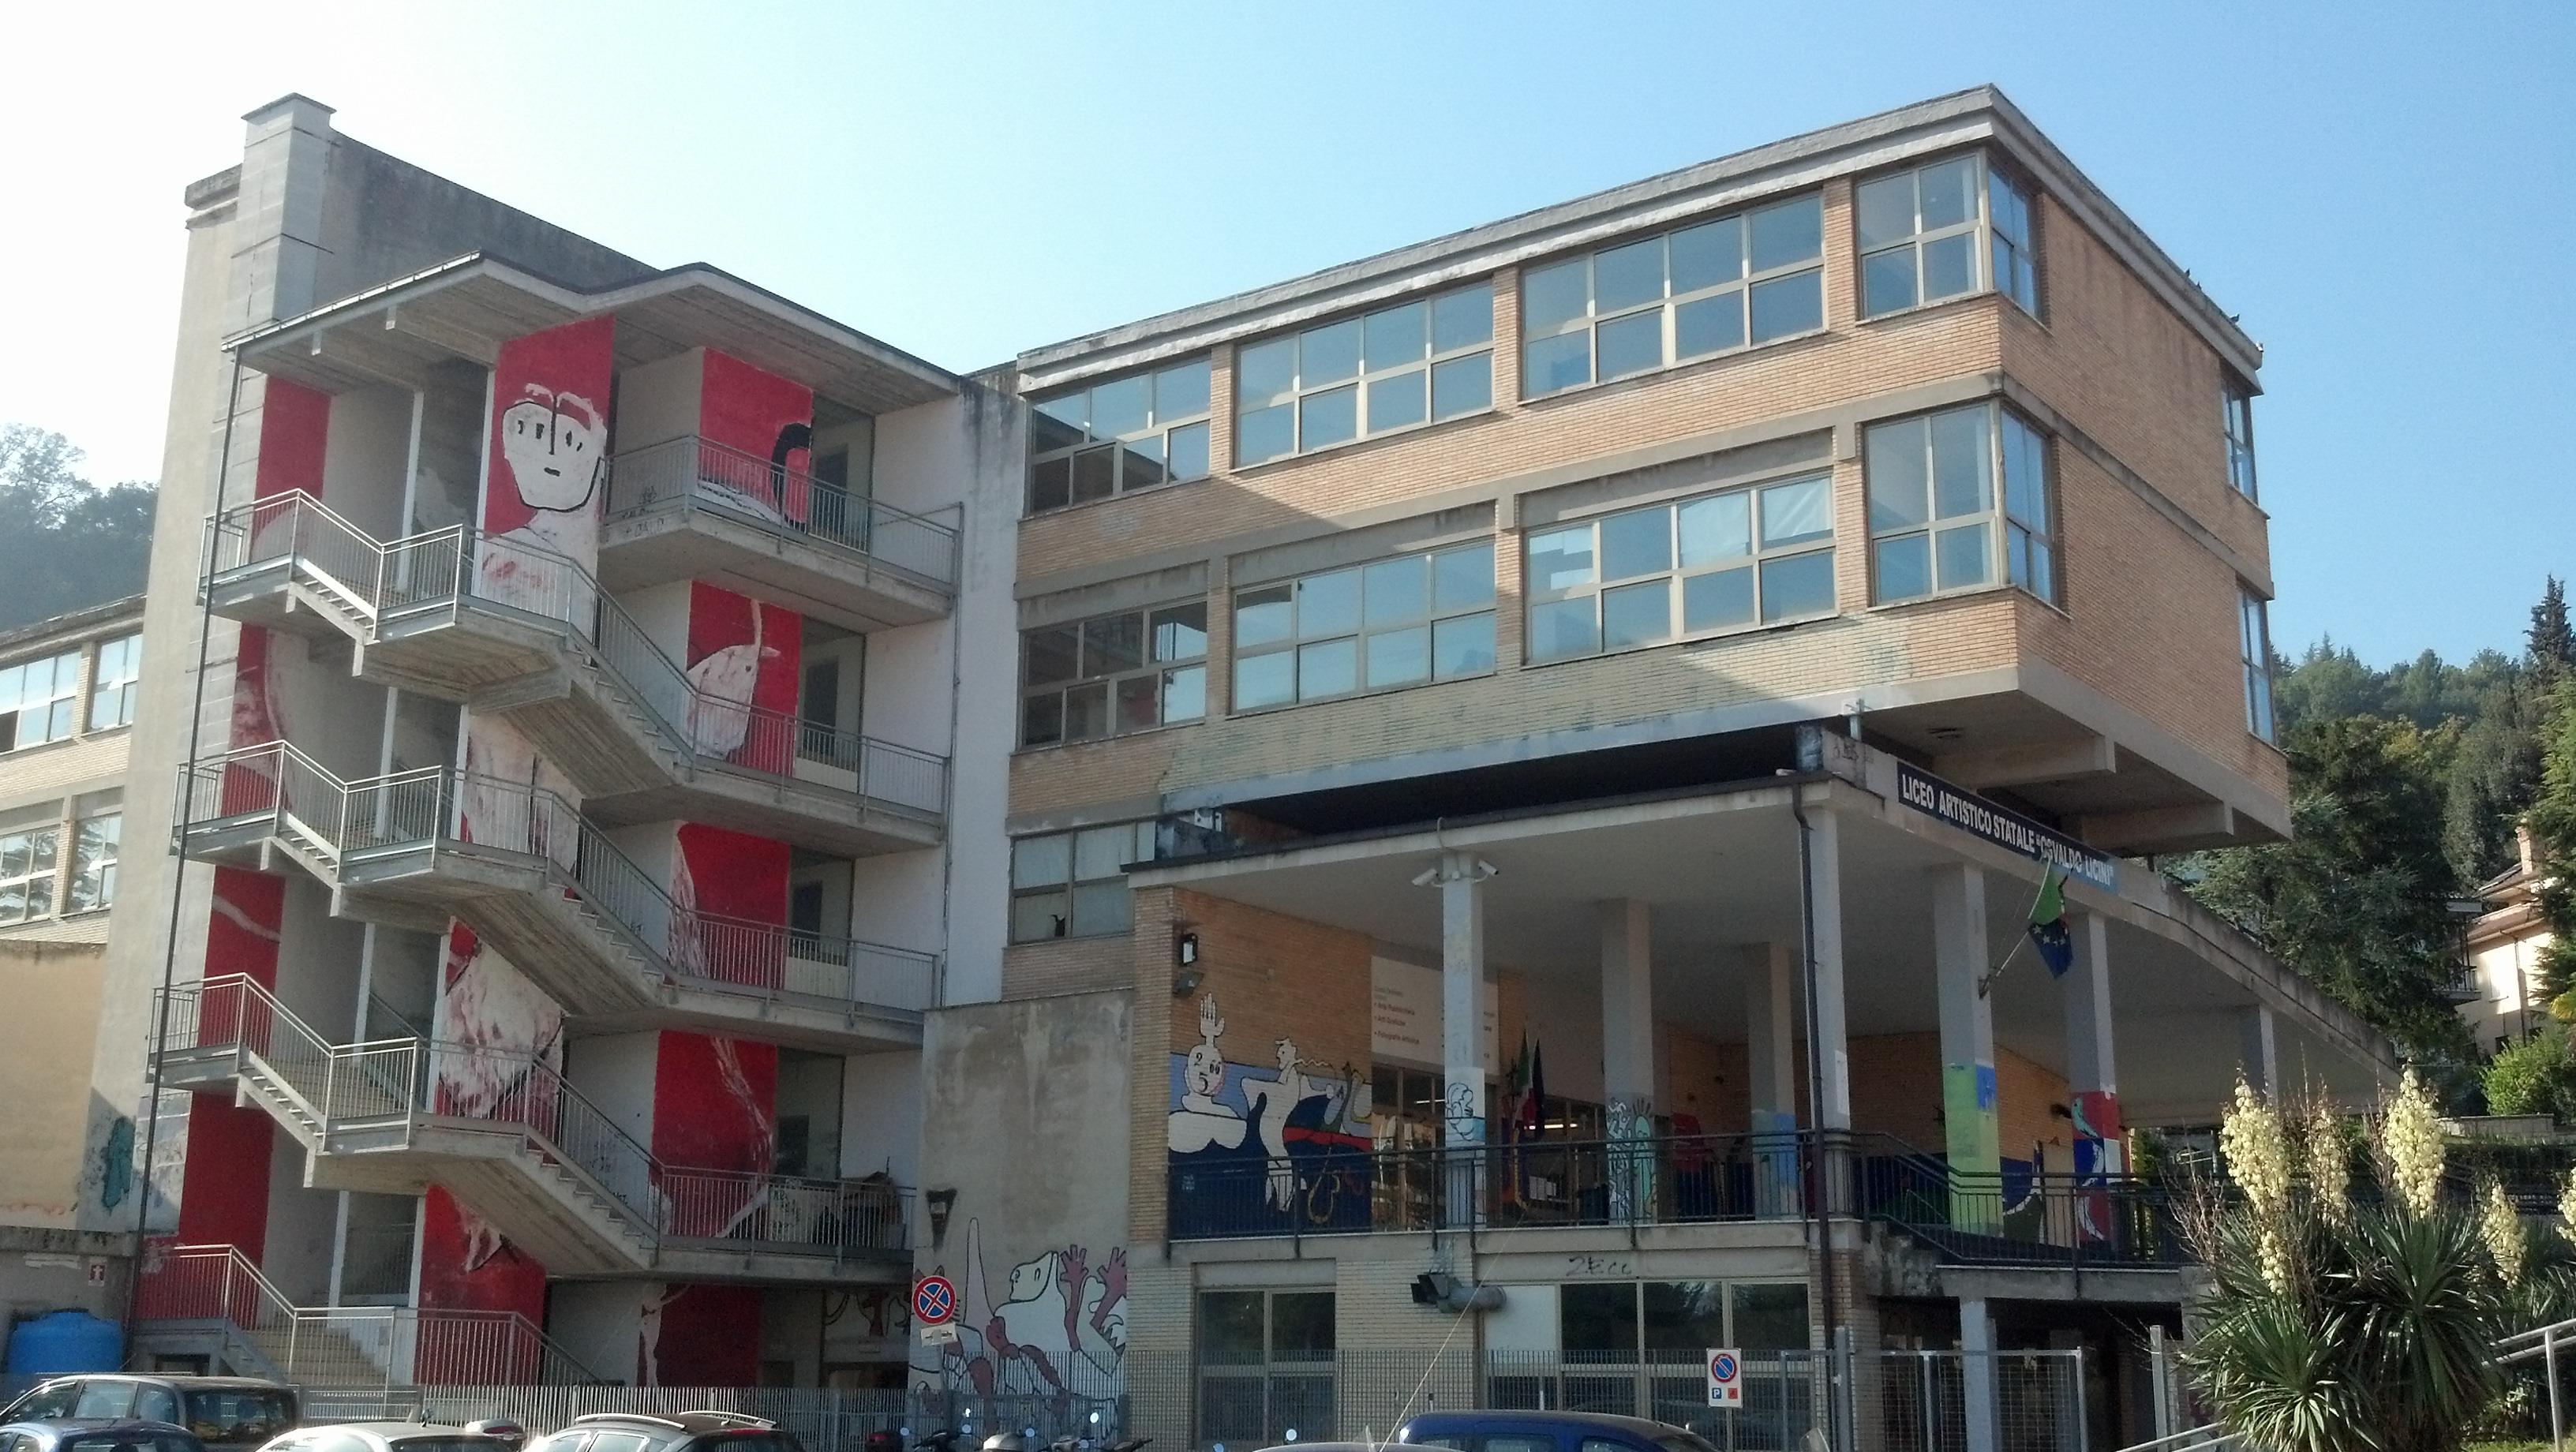 L'istituto d'arte Licini: qui il graffito è veramente artistico